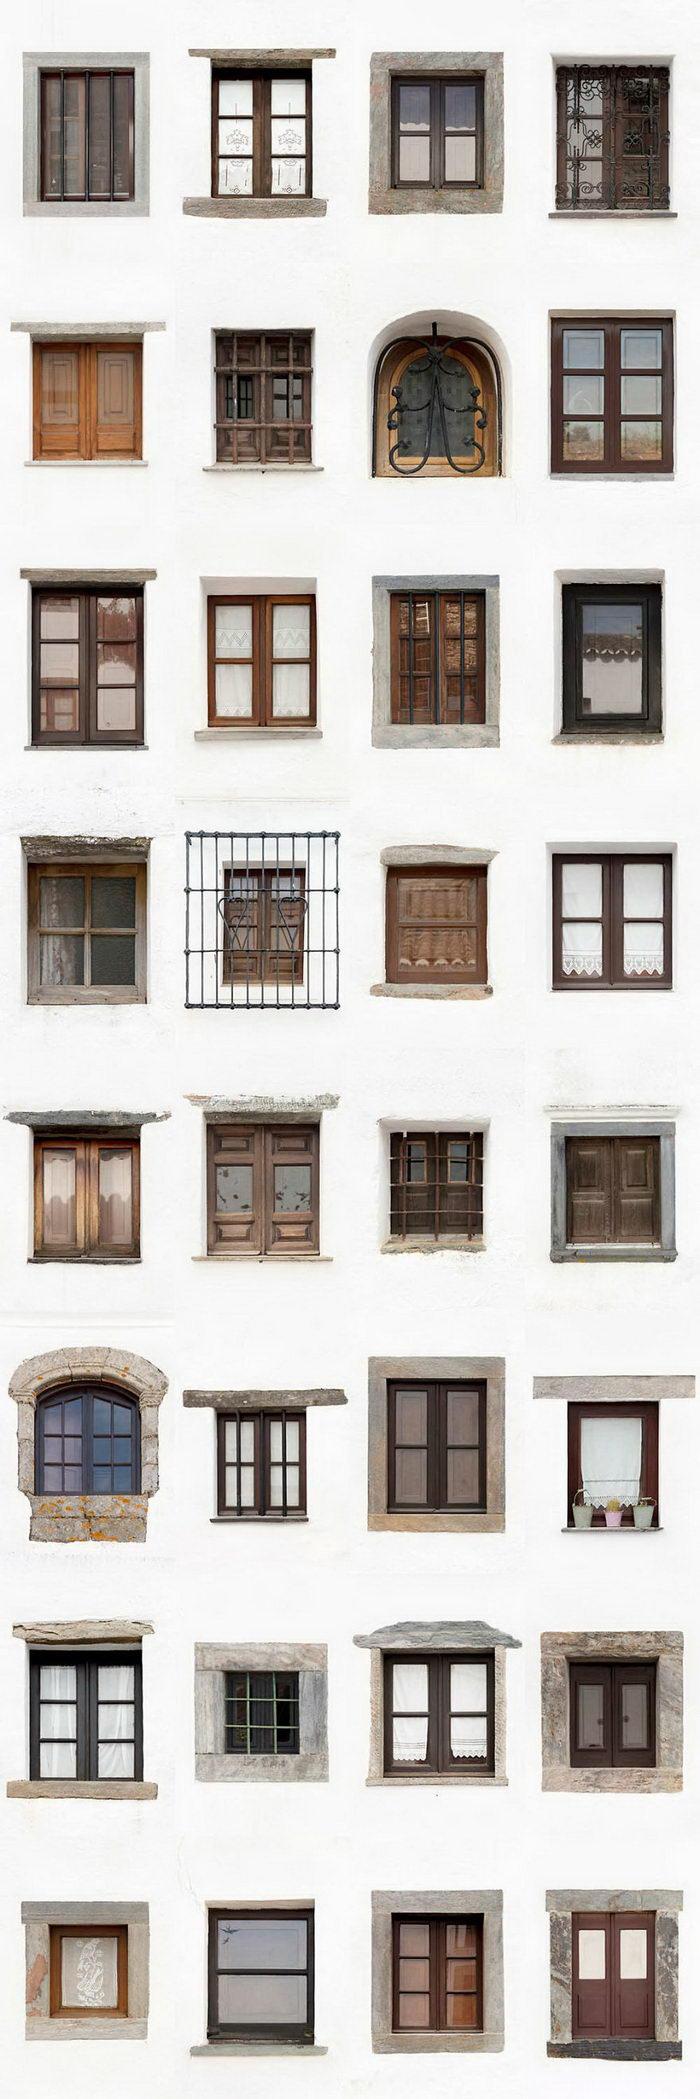 Окна в различных городах Португалии: проект Andre Vicente Goncalves